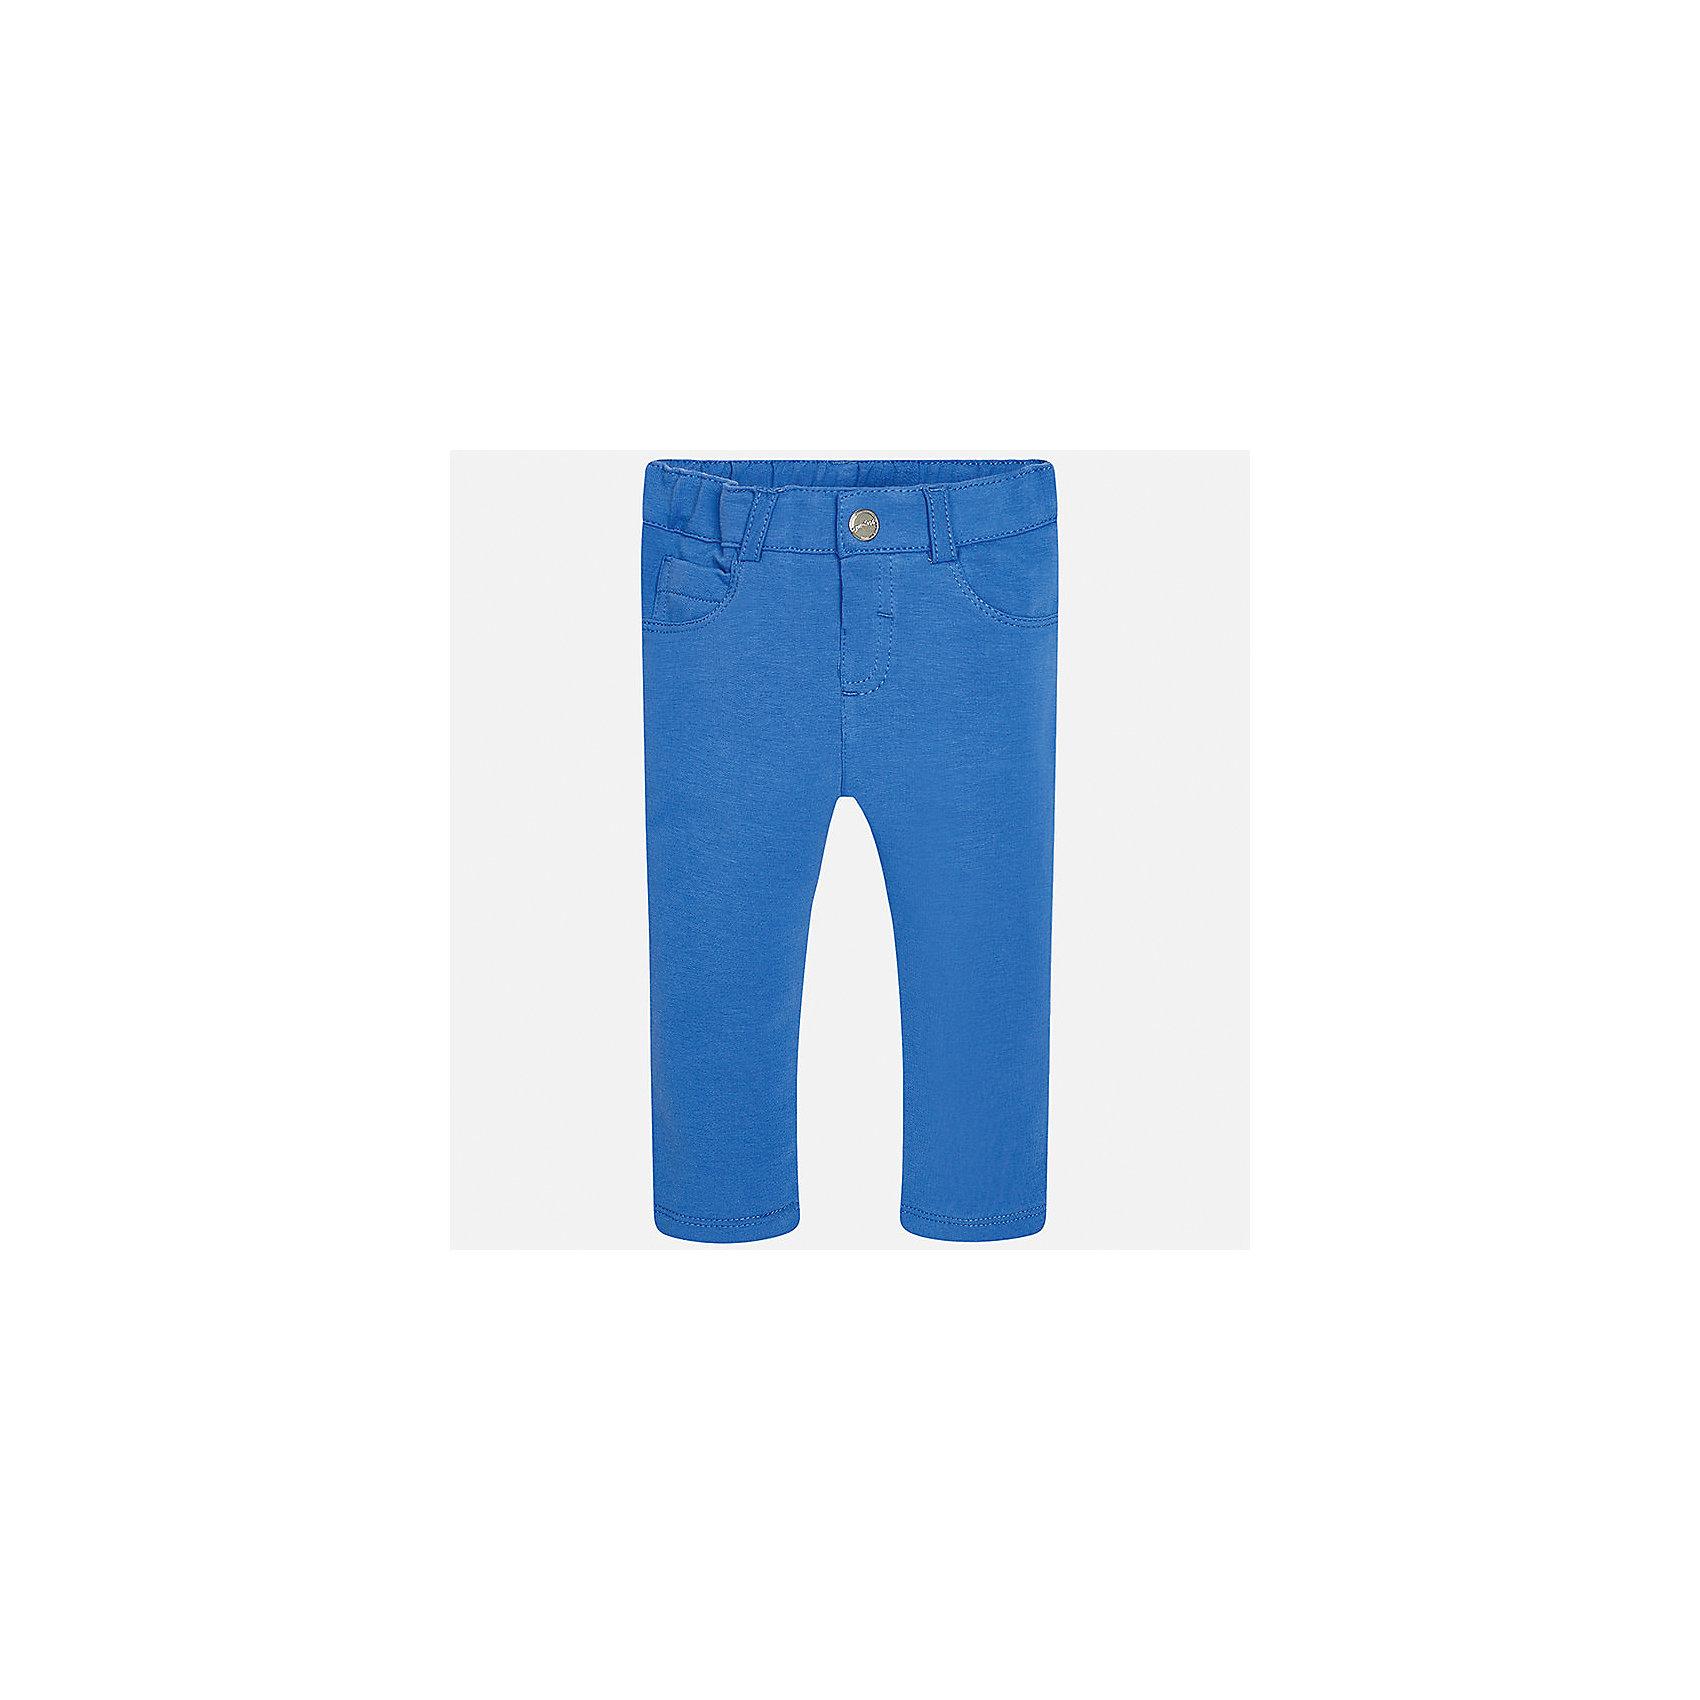 Леггинсы для девочки MayoralХарактеристики товара:<br><br>• цвет: голубой<br>• состав: 95% хлопок, 5% эластан<br>• шлевки<br>• эластичный материал<br>• классический силуэт<br>• декоративная отделка карманов<br>• страна бренда: Испания<br><br>Модные леггинсы для девочки смогут разнообразить гардероб ребенка и украсить наряд. Они отлично сочетаются с майками, футболками, блузками. Красивый оттенок позволяет подобрать к вещи верх разных расцветок. В составе материала - натуральный хлопок, гипоаллергенный, приятный на ощупь, дышащий. Леггинсы отлично сидят и не стесняют движения.<br><br>Одежда, обувь и аксессуары от испанского бренда Mayoral полюбились детям и взрослым по всему миру. Модели этой марки - стильные и удобные. Для их производства используются только безопасные, качественные материалы и фурнитура. Порадуйте ребенка модными и красивыми вещами от Mayoral! <br><br>Леггинсы для девочки от испанского бренда Mayoral (Майорал) можно купить в нашем интернет-магазине.<br><br>Ширина мм: 123<br>Глубина мм: 10<br>Высота мм: 149<br>Вес г: 209<br>Цвет: синий<br>Возраст от месяцев: 18<br>Возраст до месяцев: 24<br>Пол: Женский<br>Возраст: Детский<br>Размер: 92,74,80,86<br>SKU: 5300030